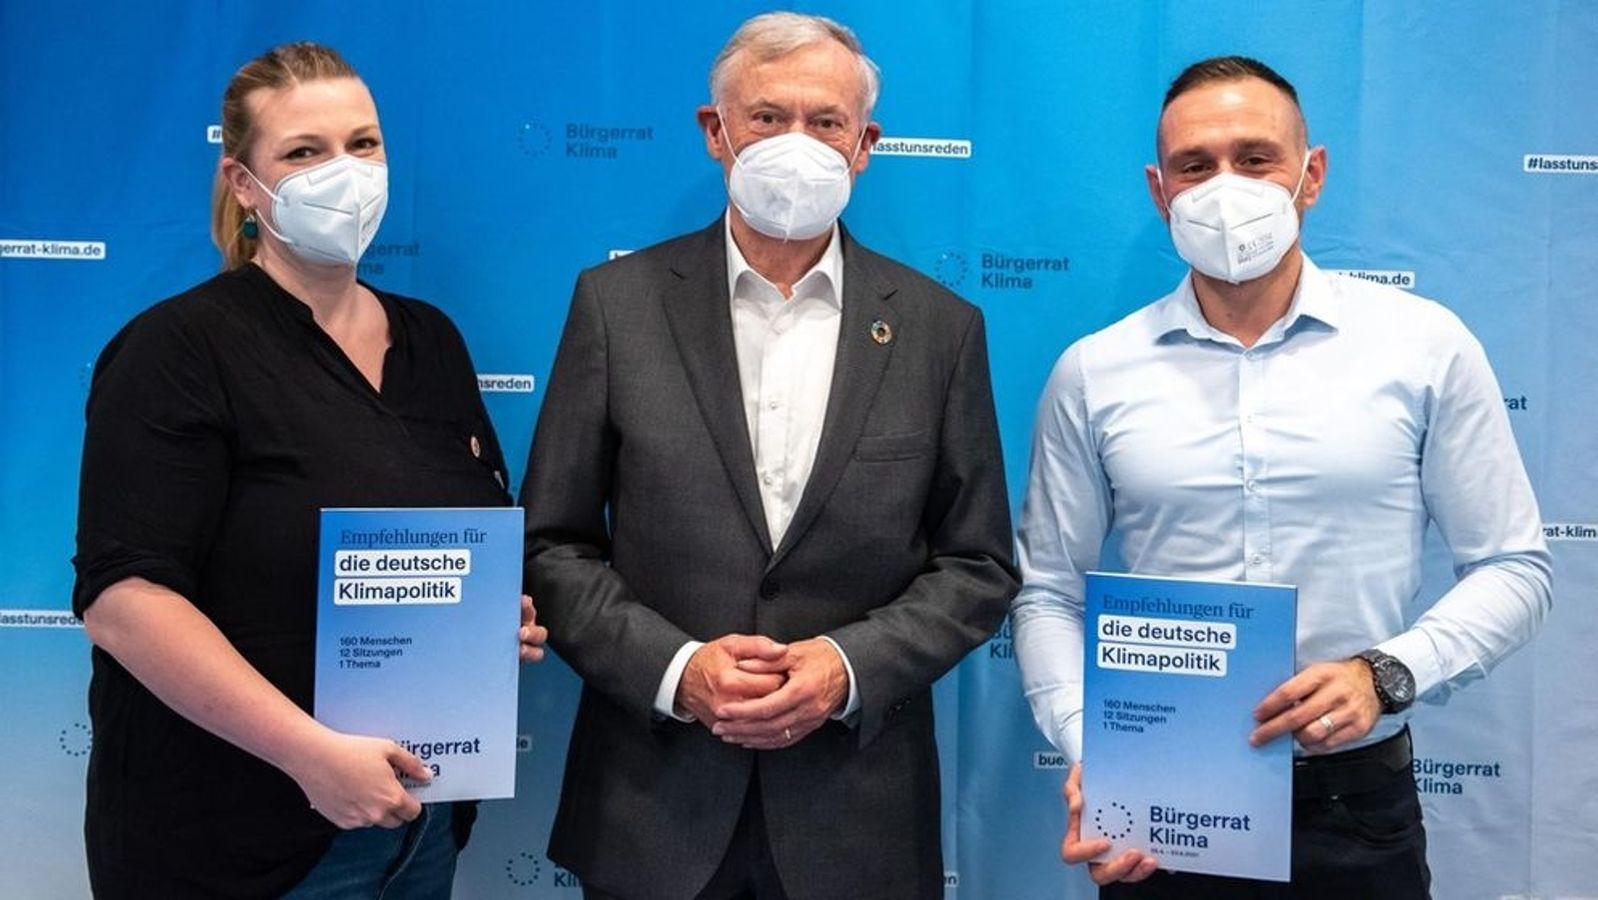 Bürgerrat Klima: Klimaschutz-Ideen von der Basis an die Politik